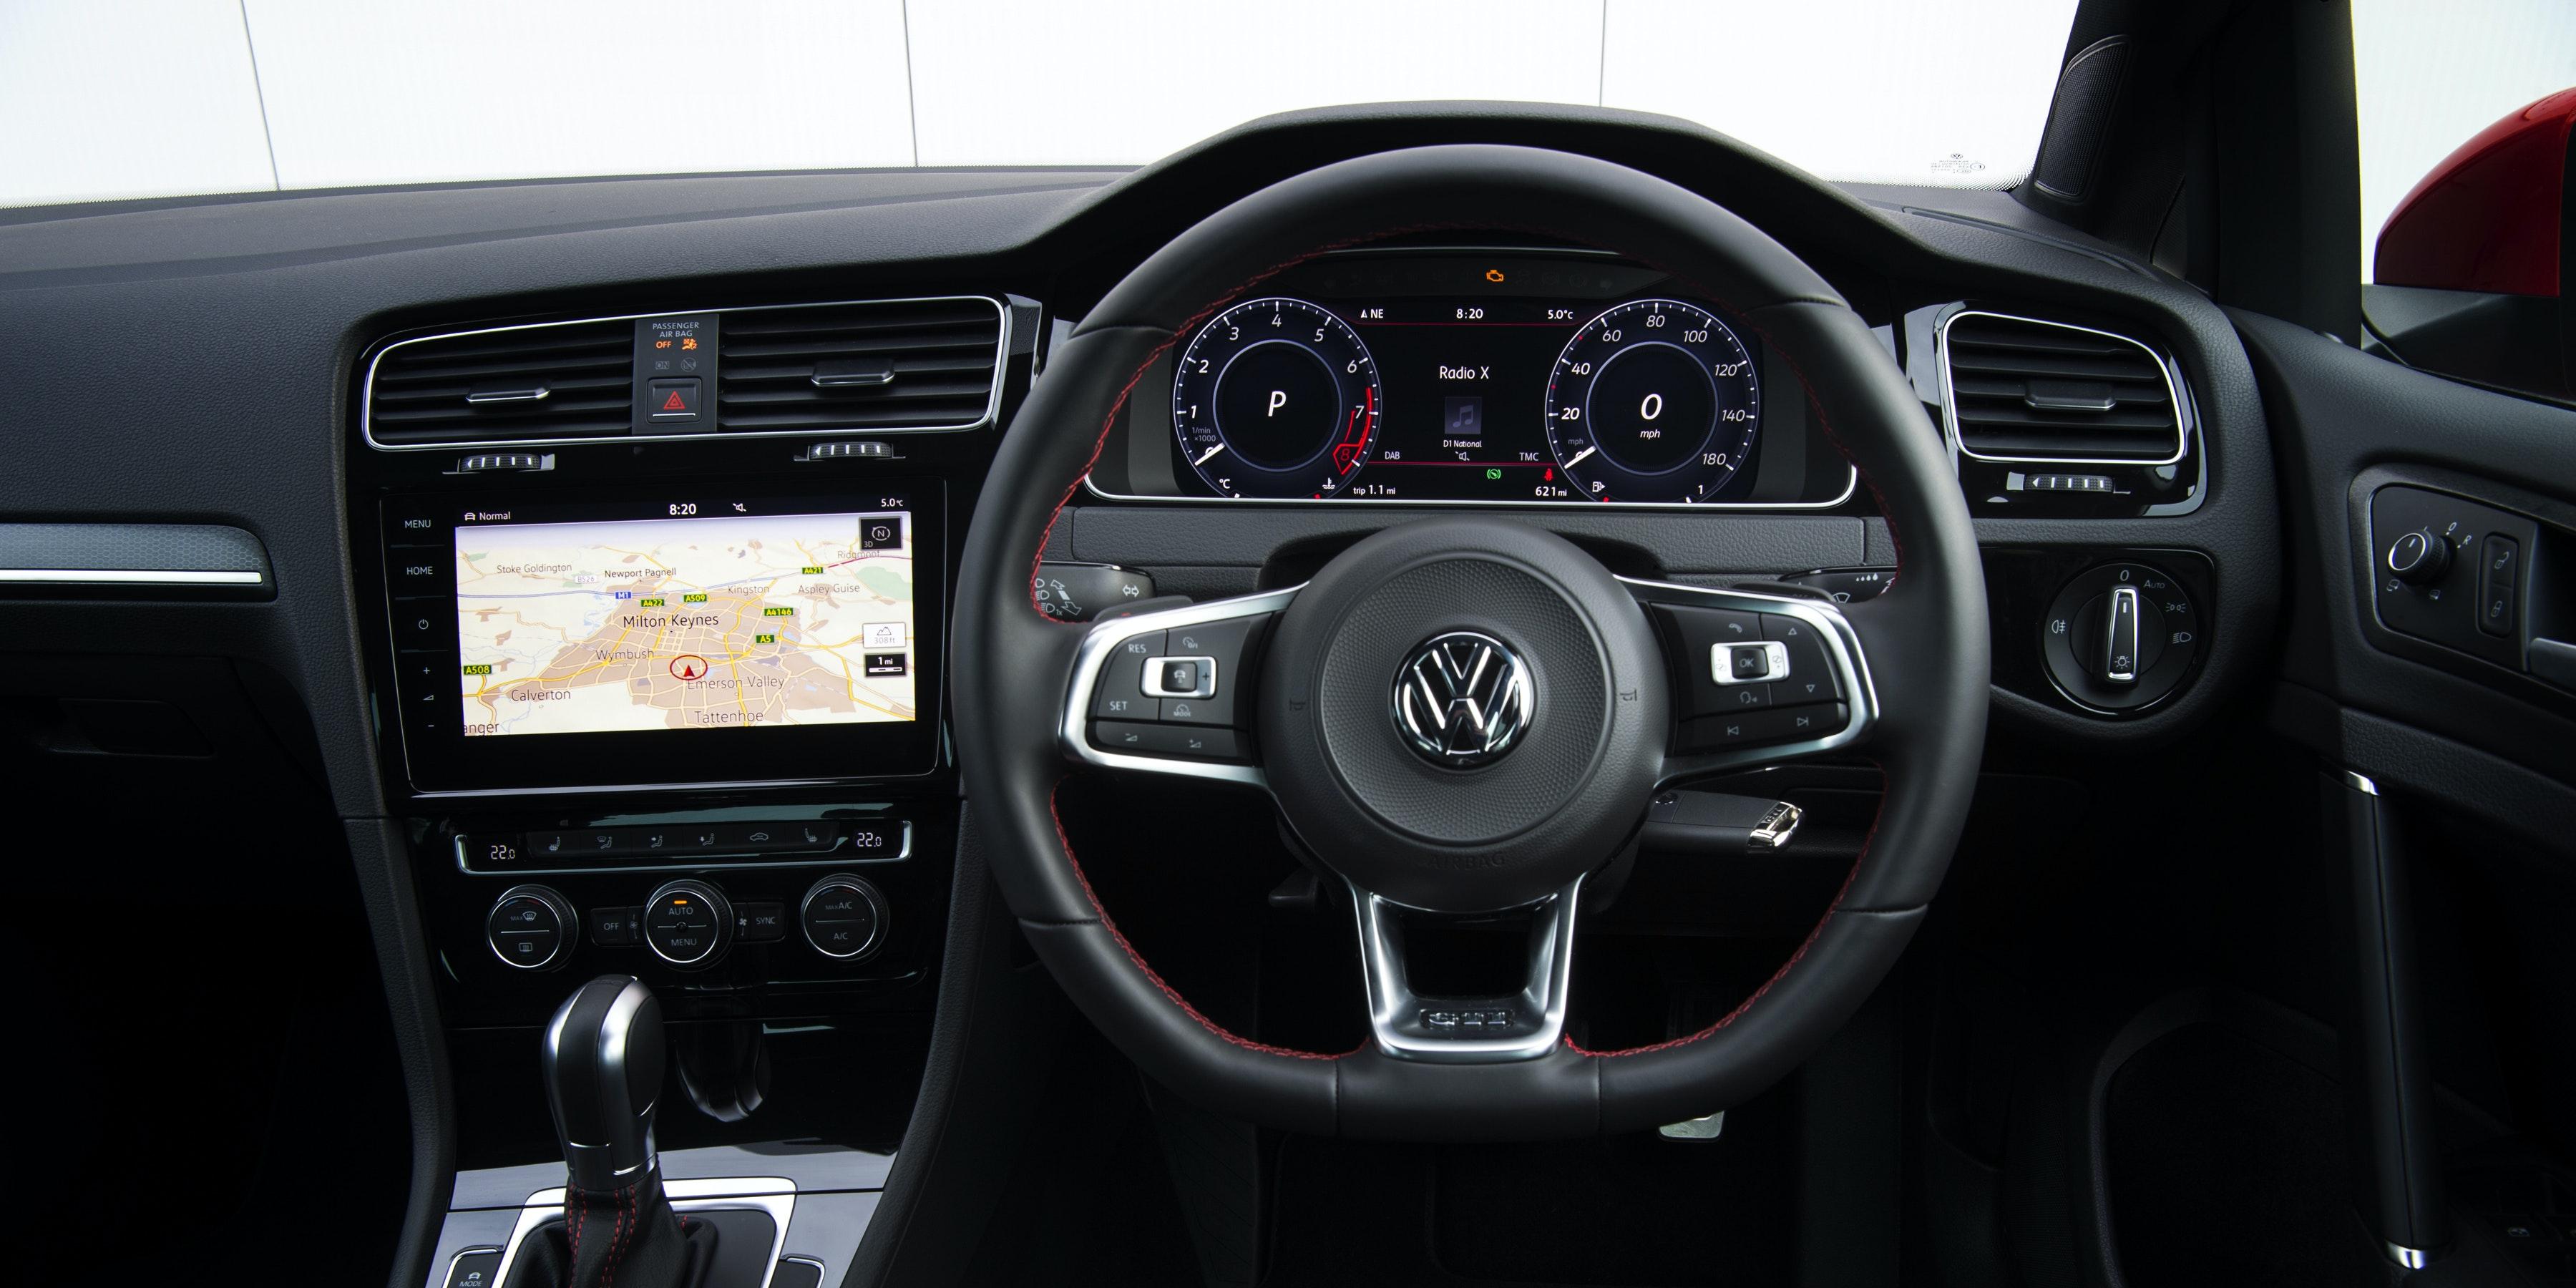 Volkswagen Golf Gti Interior Amp Infotainment Carwow